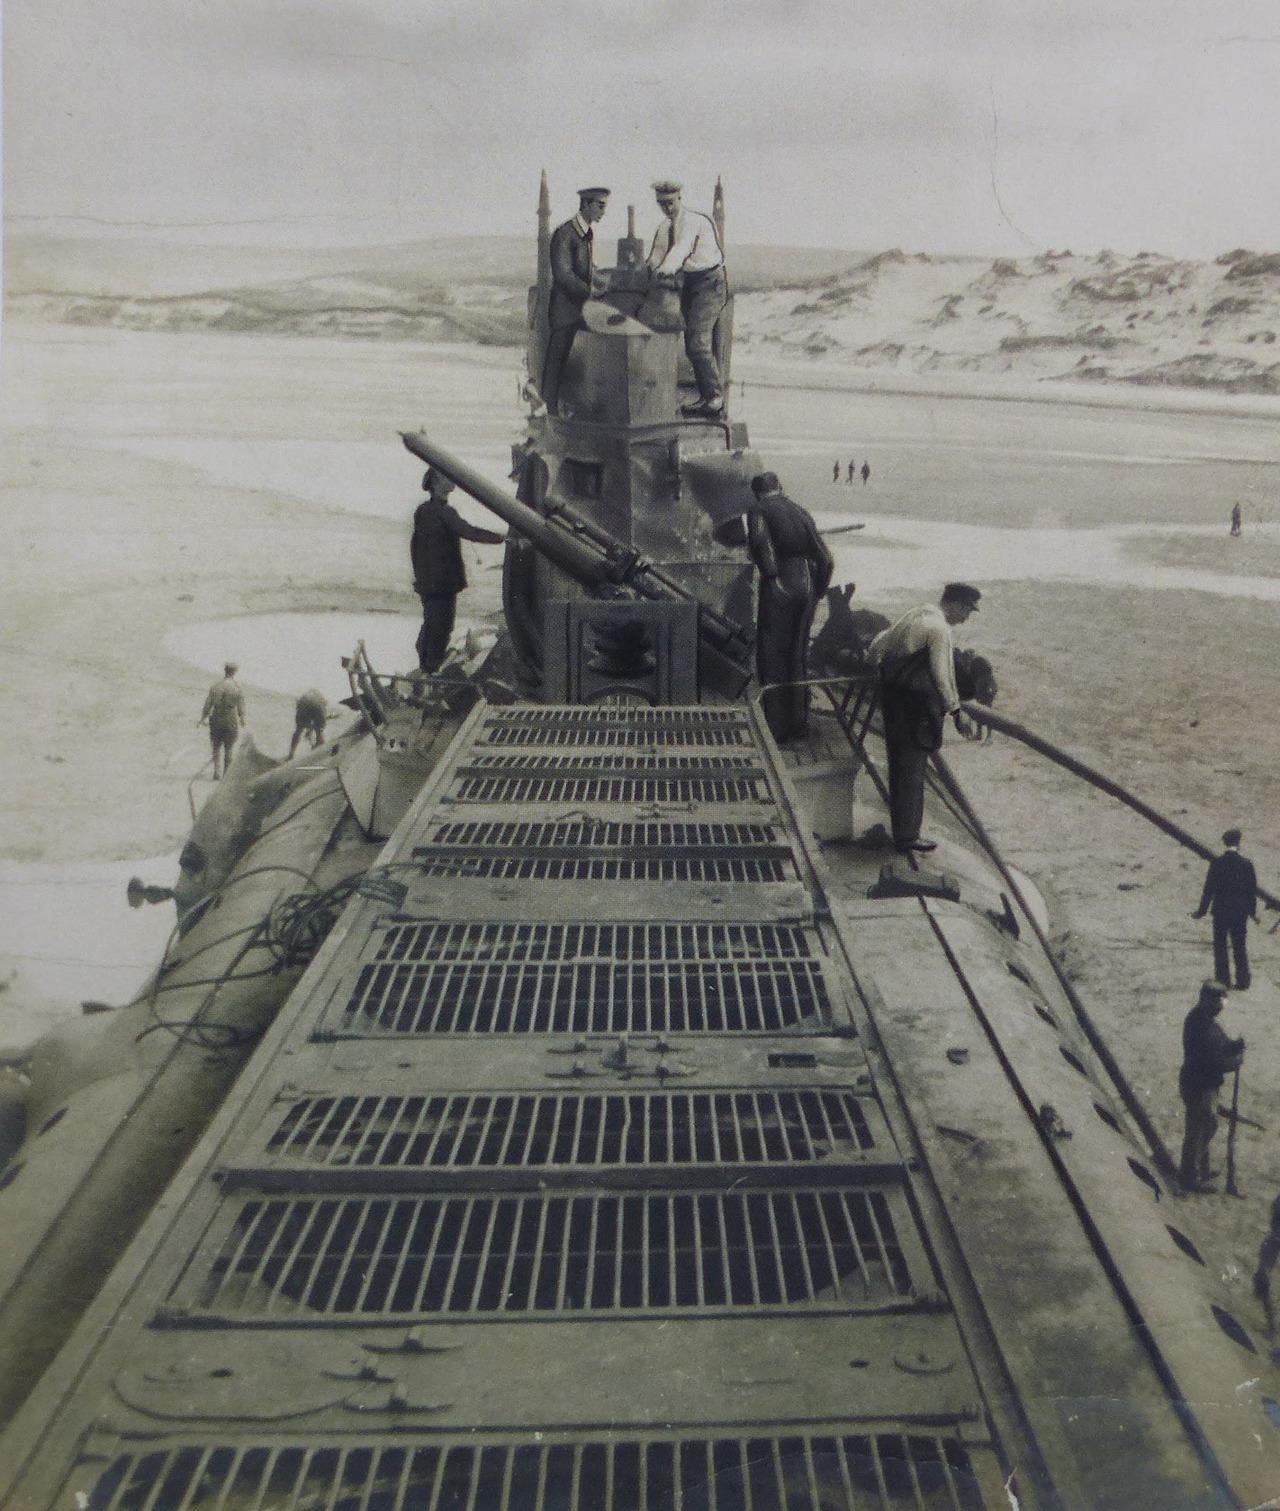 wpas sous marin 16 en 1917